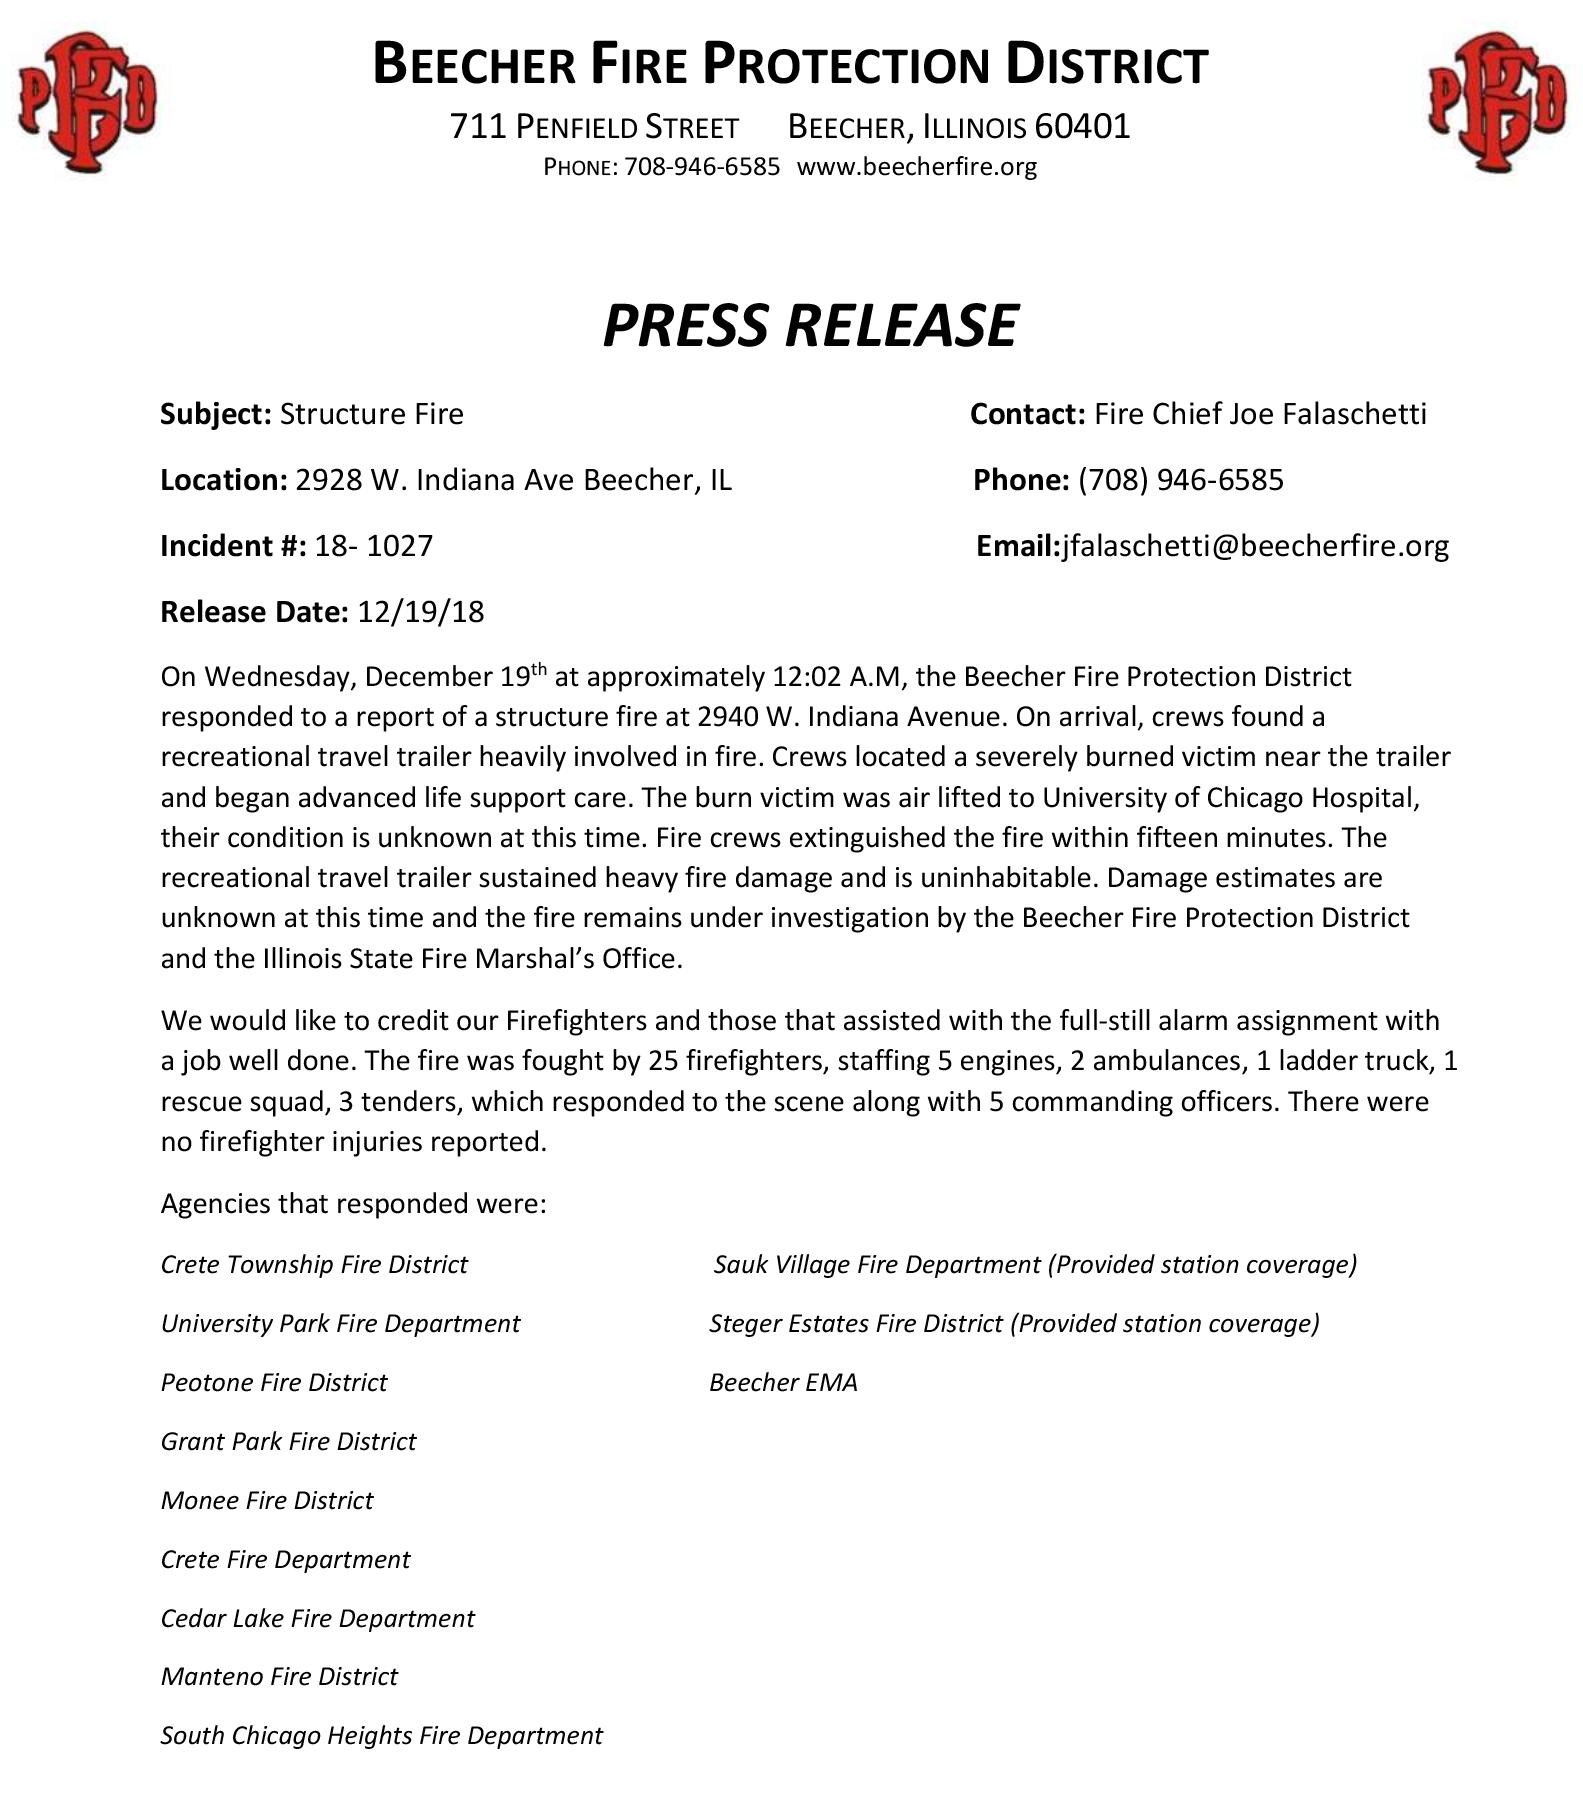 Beecher Fire District press release